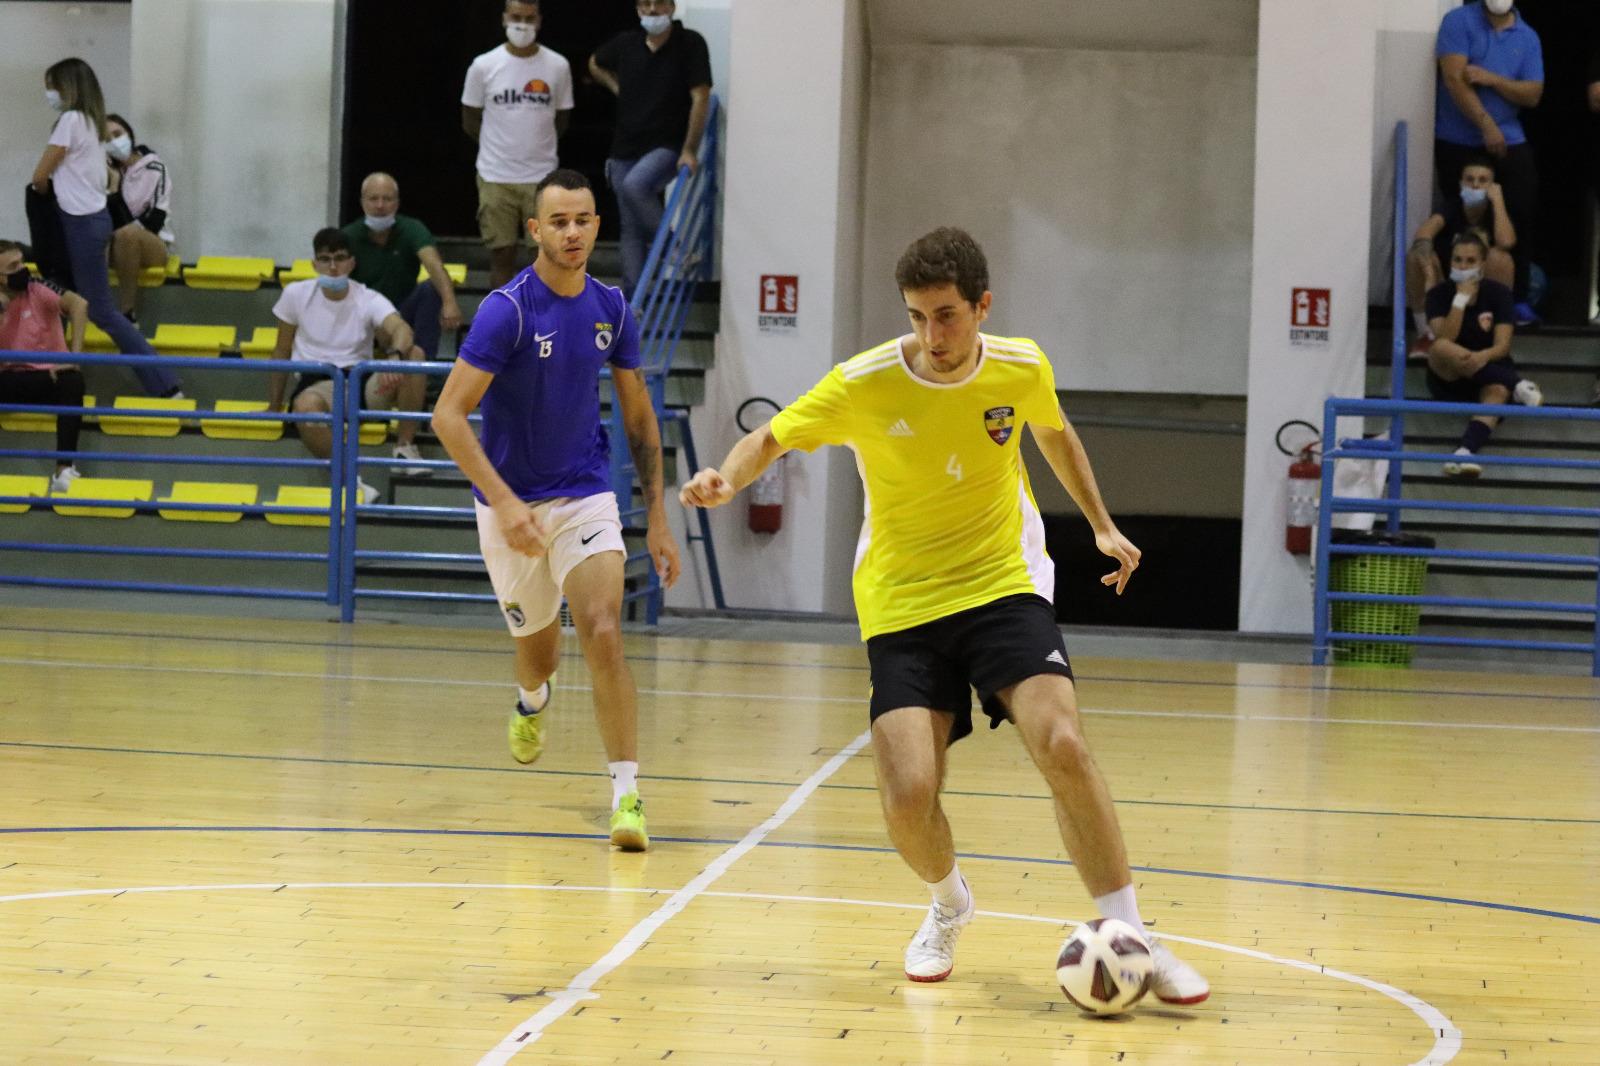 Ciampino. Calcio a 5, Ciampino Aniene-Lido di Ostia 3-0